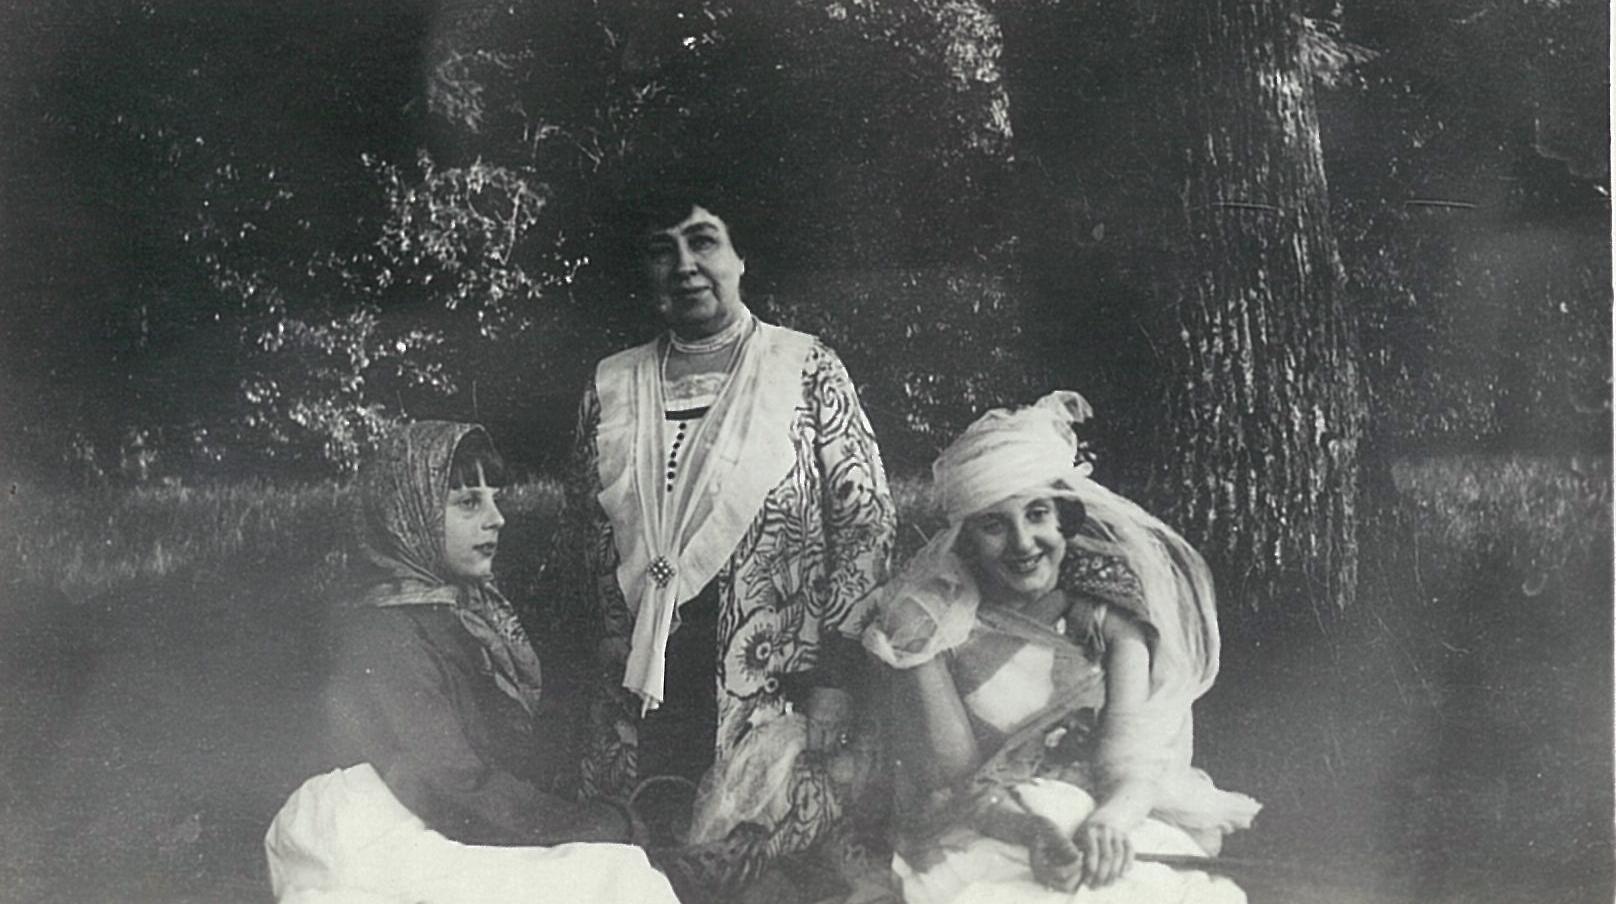 Лидия Всеволожская и две девочки в карнавальных костюмах, 1920-е годы